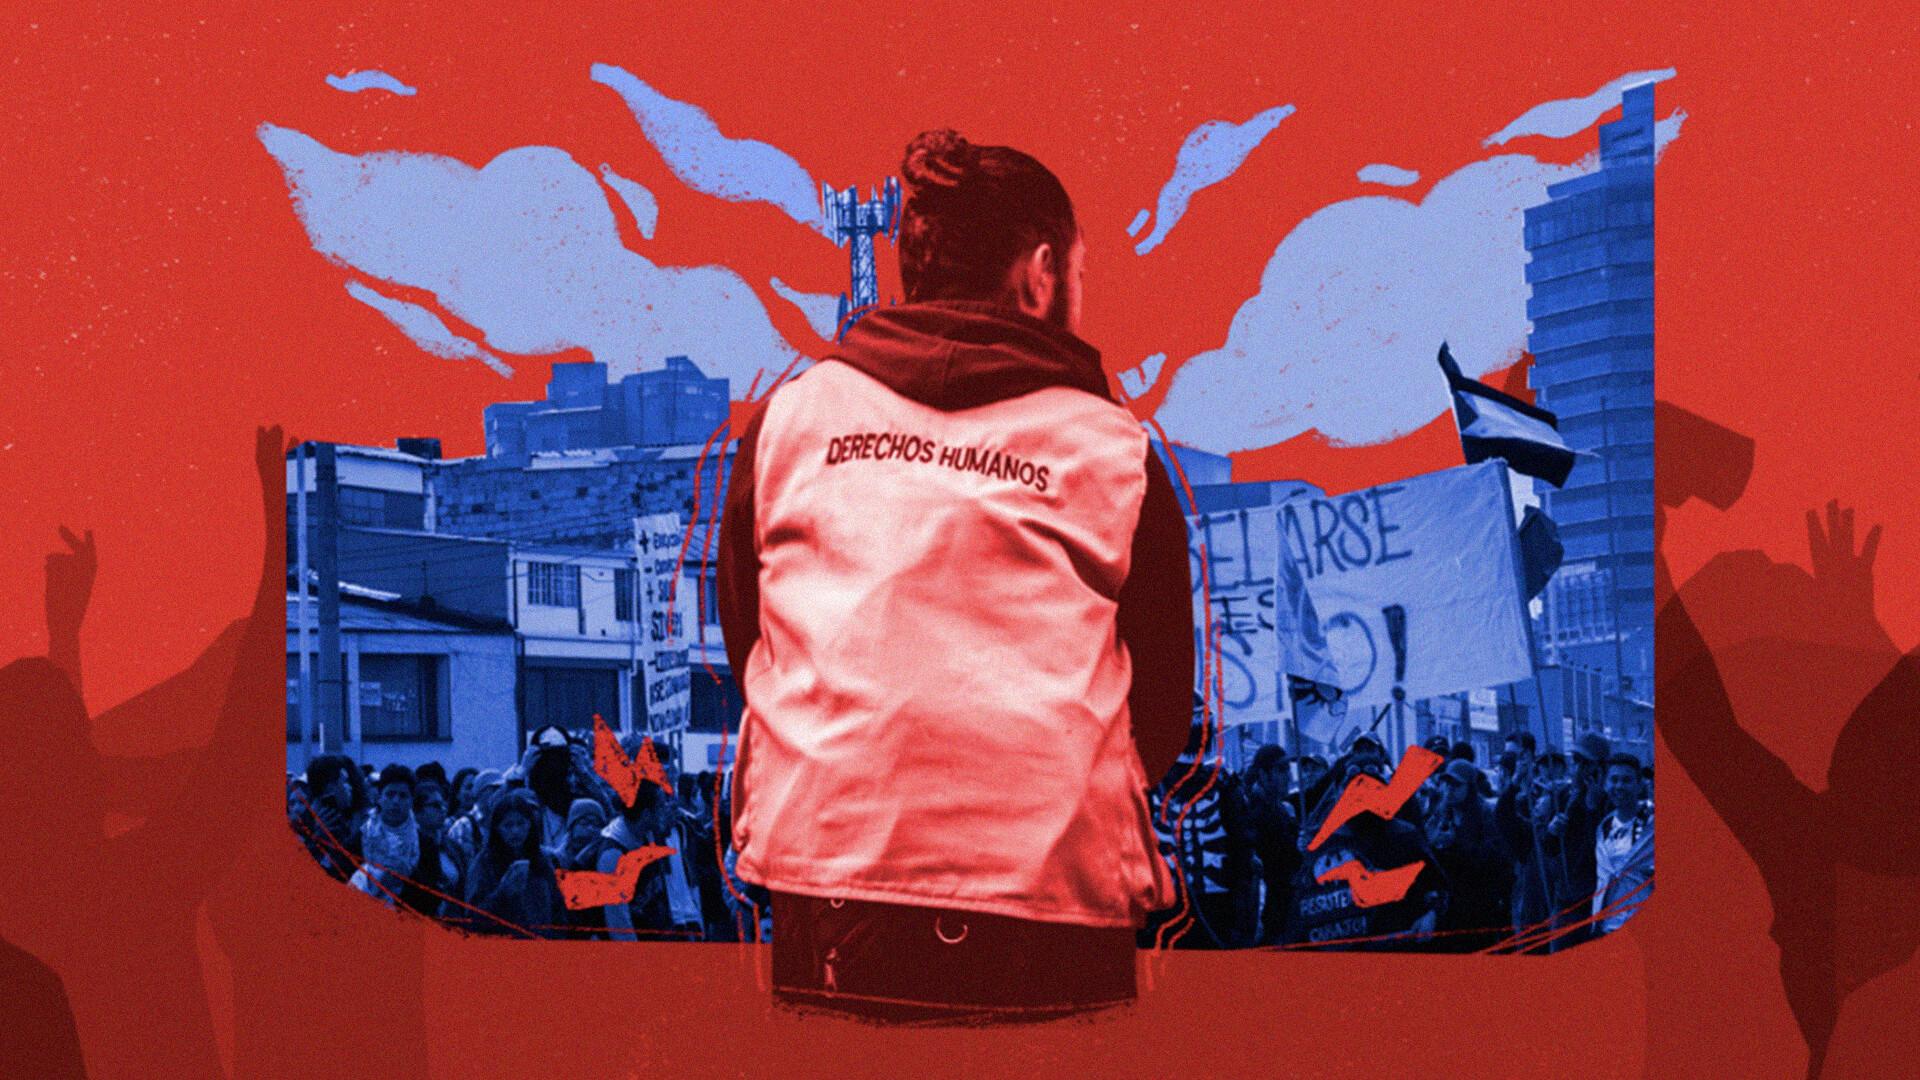 Defensores en la protesta social: una labor crucial en riesgo inminente